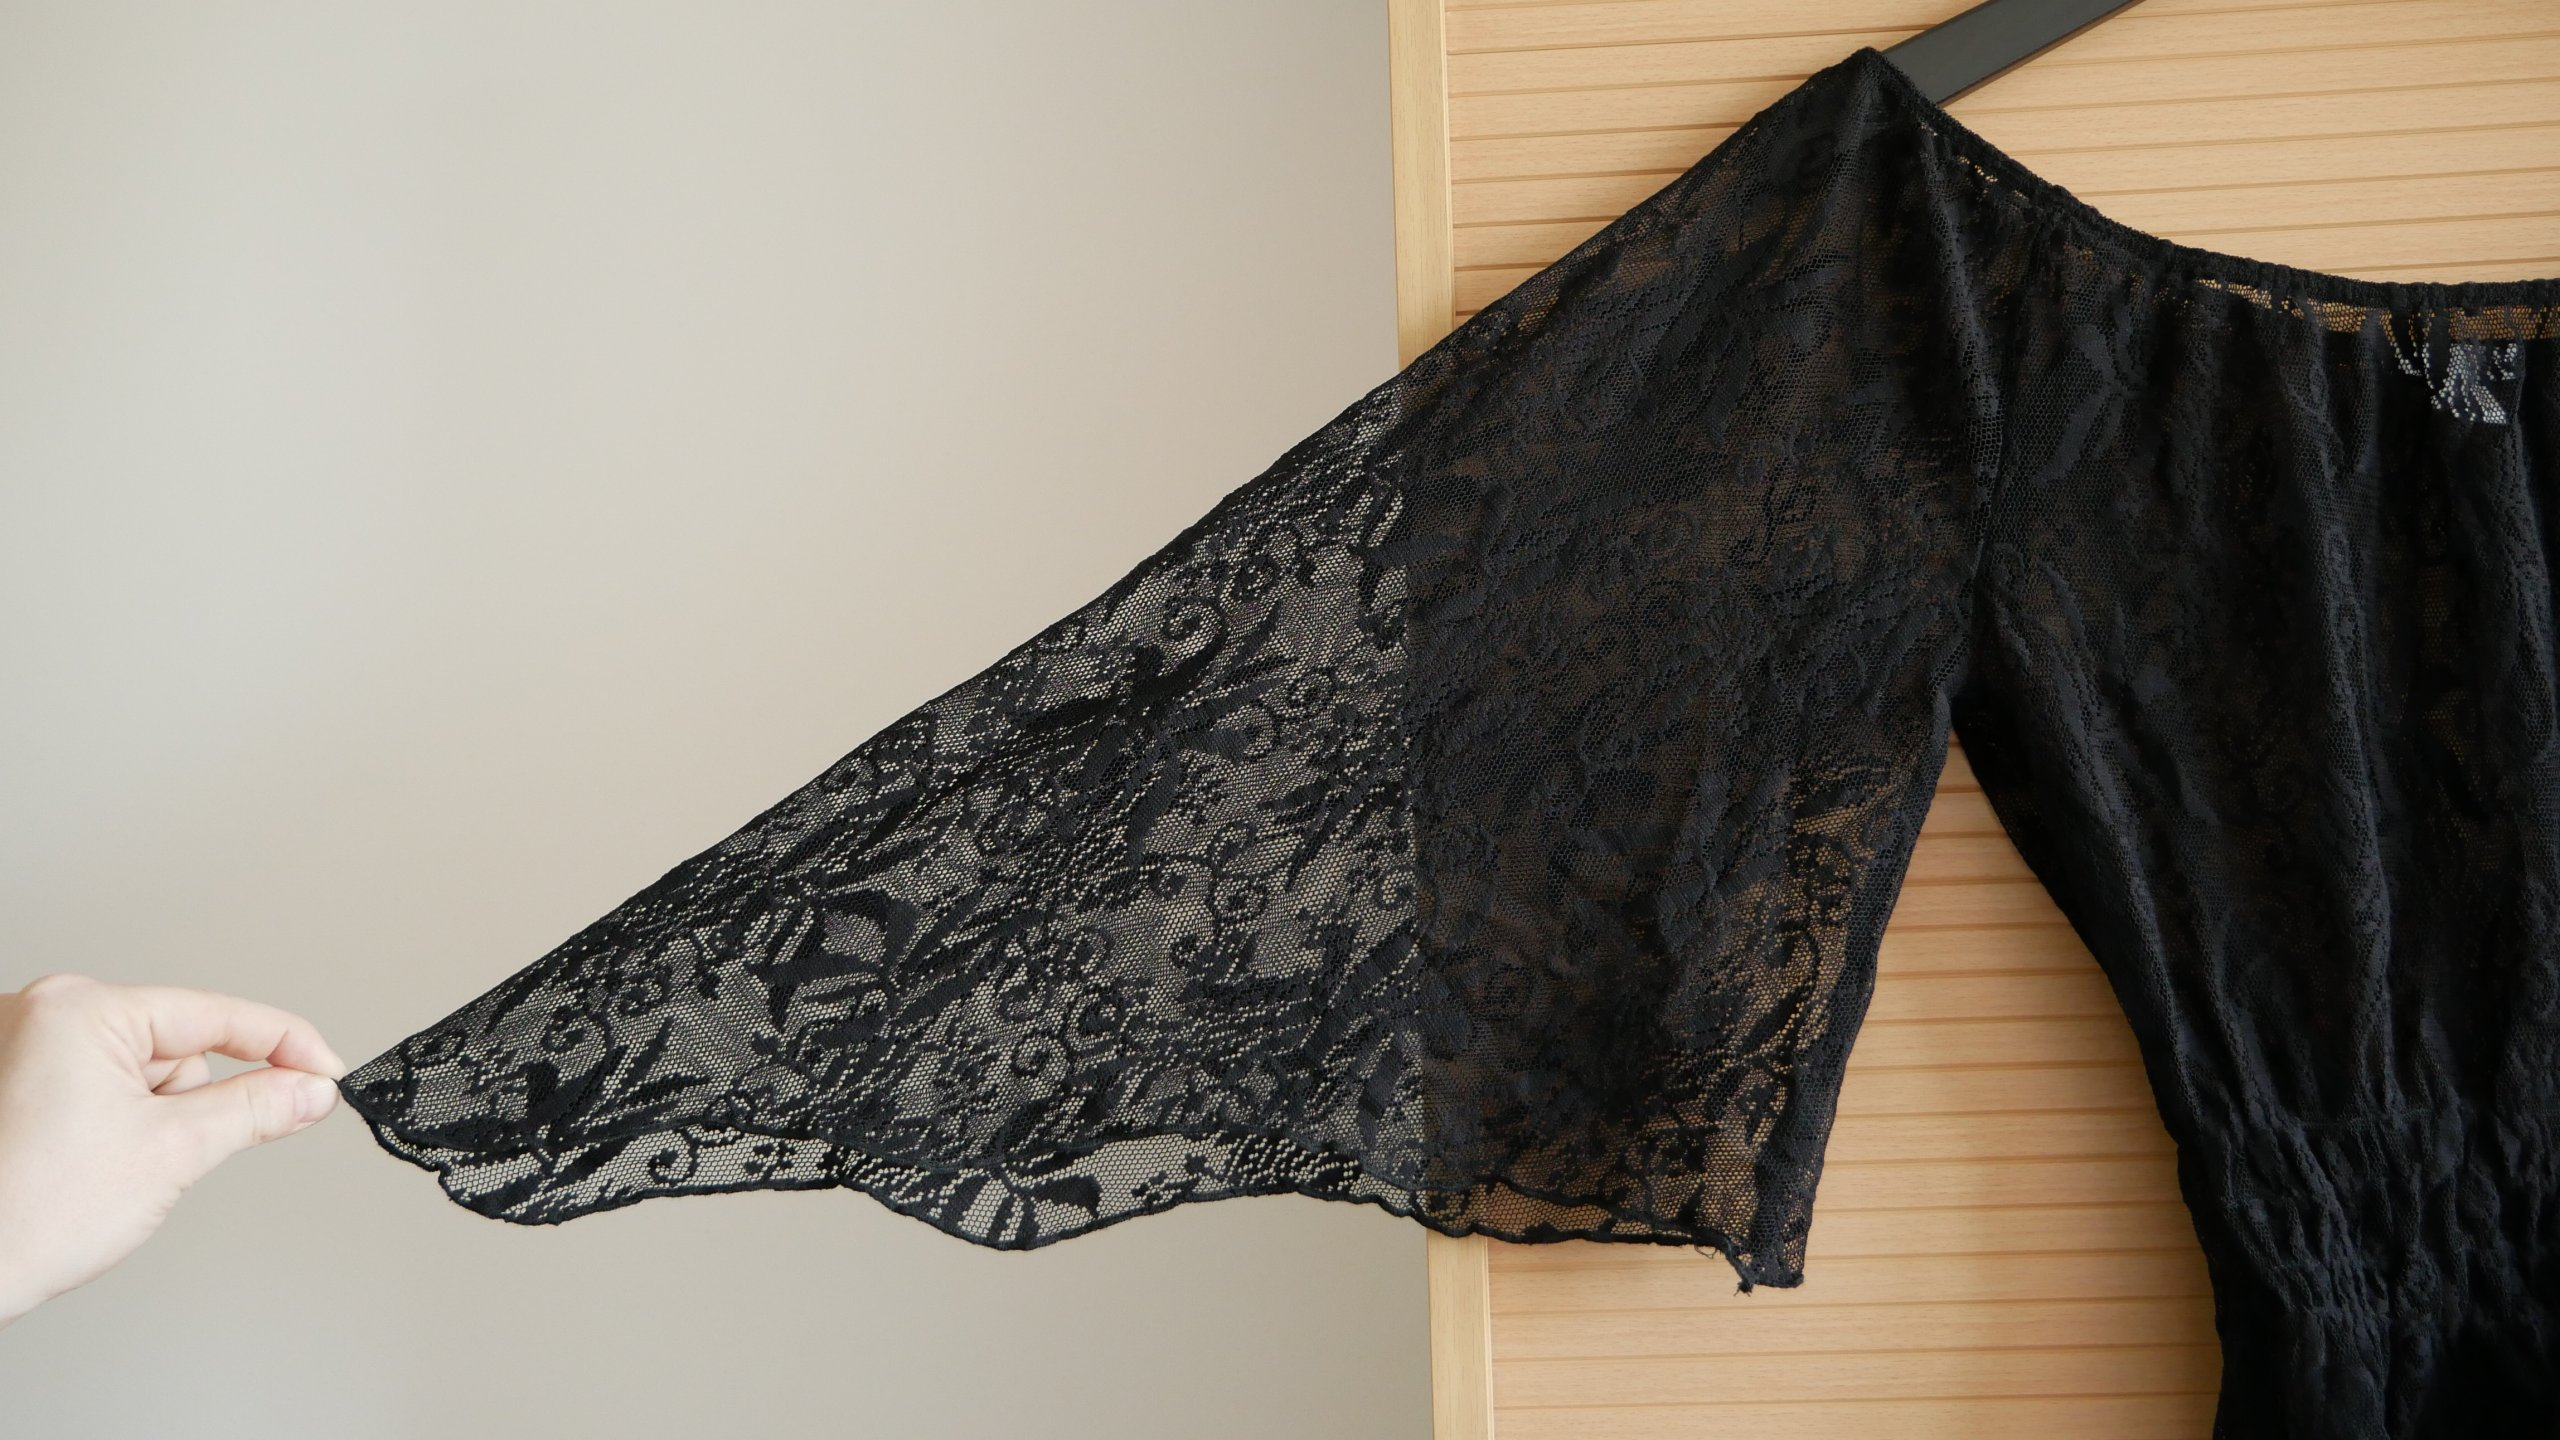 fe2313ea8f Czarna koronkowa bluzka hiszpanka gotycka - 7287489972 - oficjalne ...